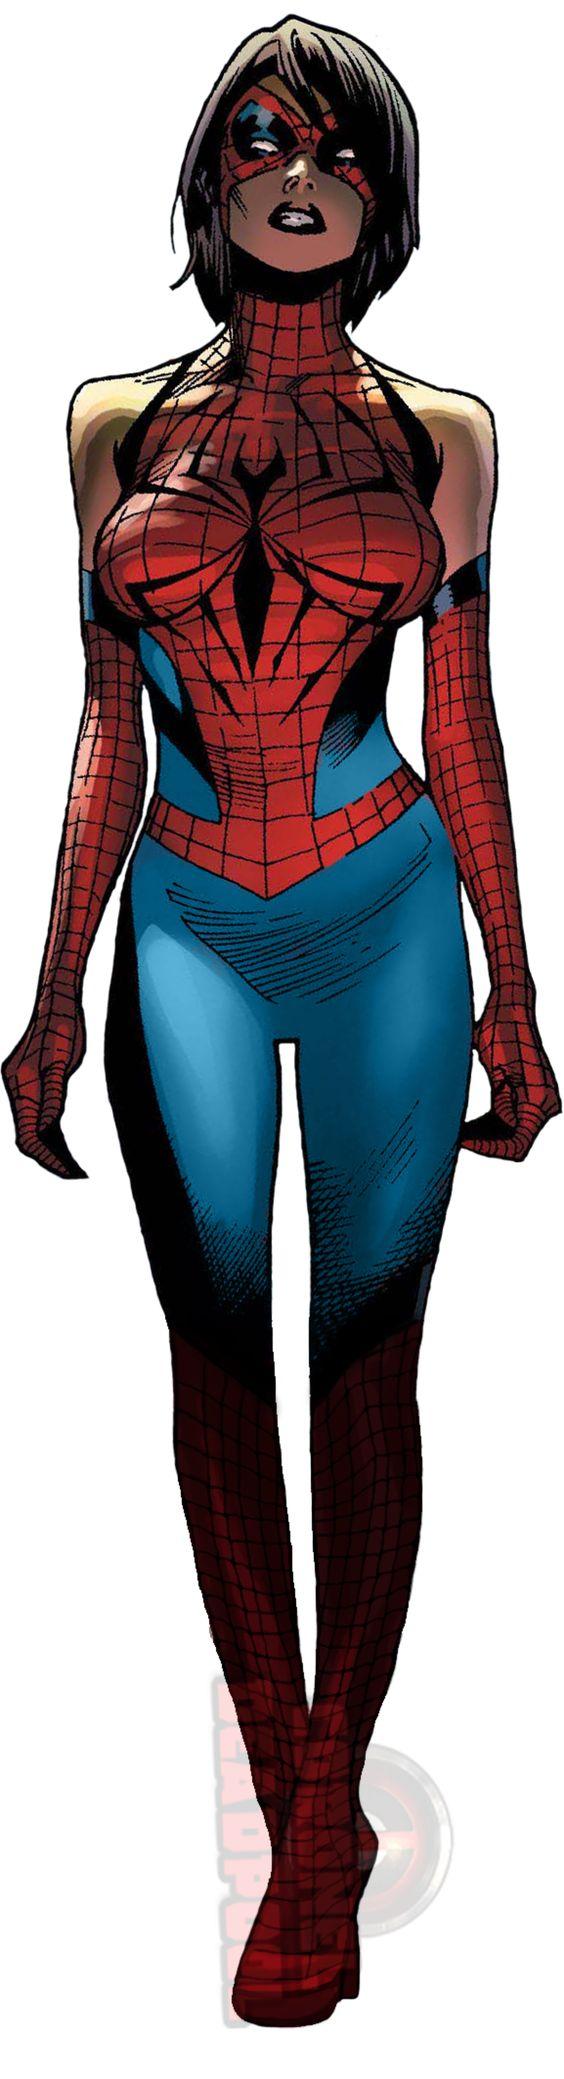 Galeria de Arte (6): Marvel, DC Comics, etc. - Página 2 D762fb94919409762ffd1b05a3a902ac